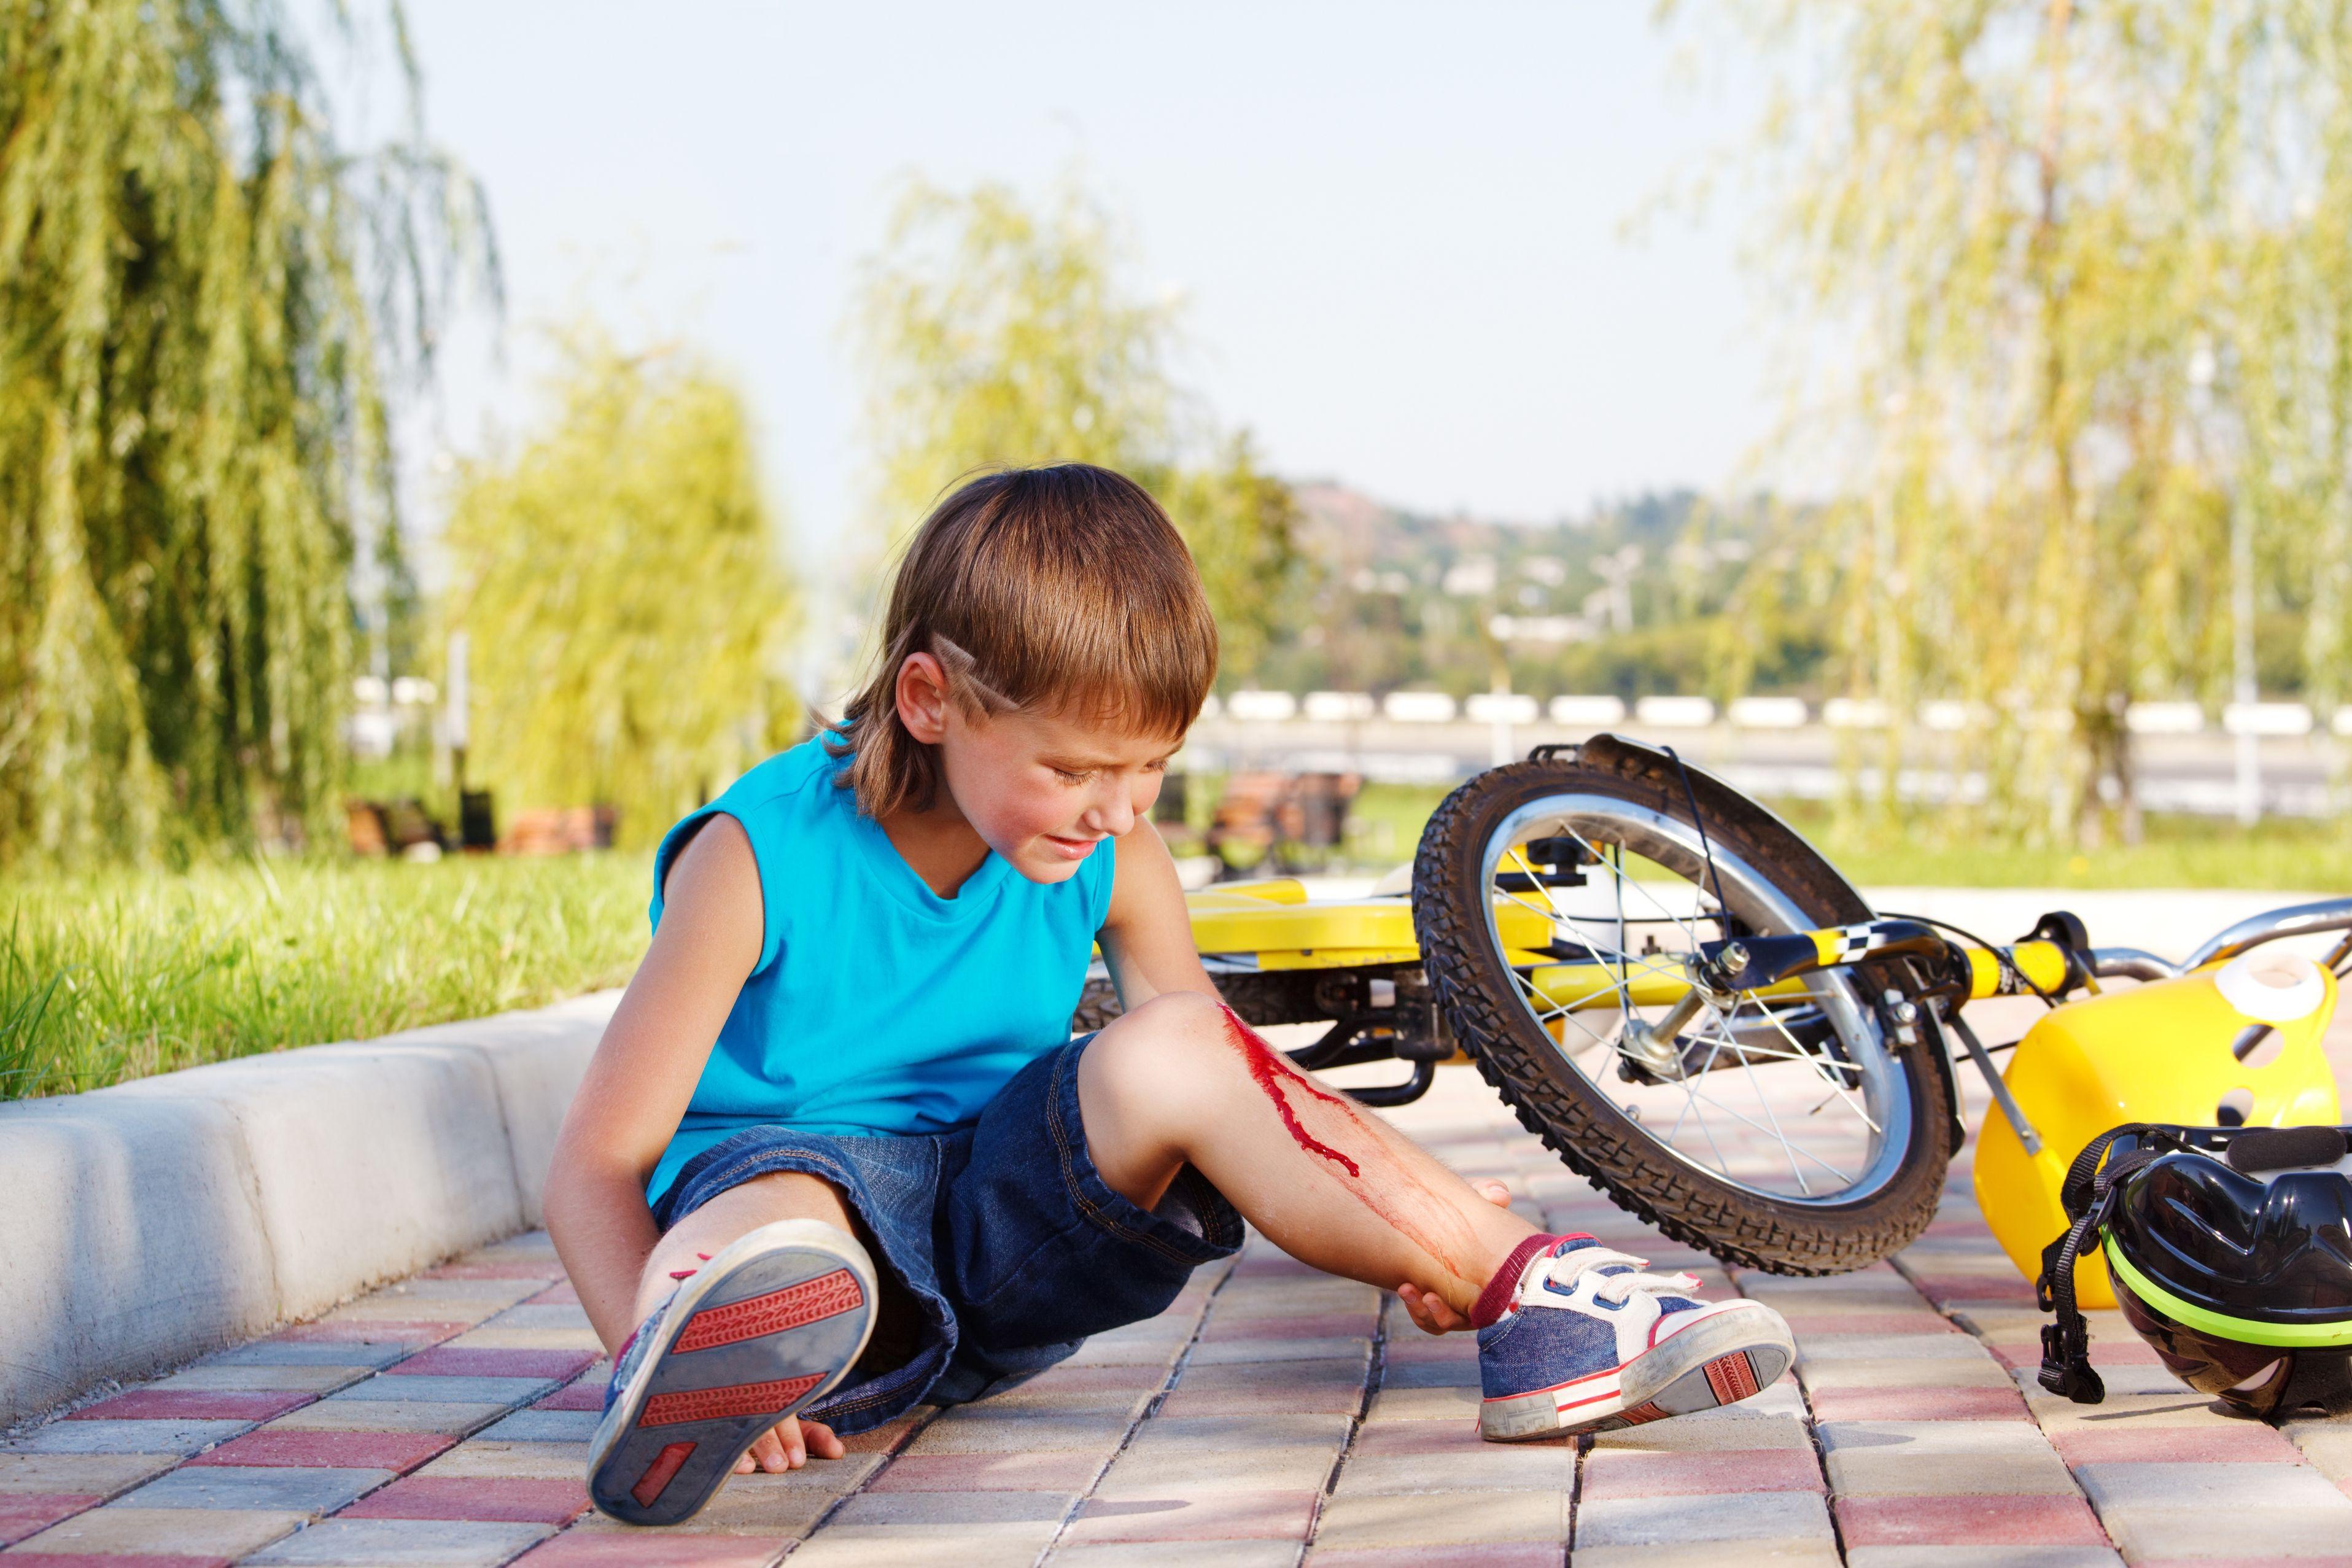 Днепропетровцы могут прослушать курс лекций по оказанию первой помощи в случае падения с велосипеда.